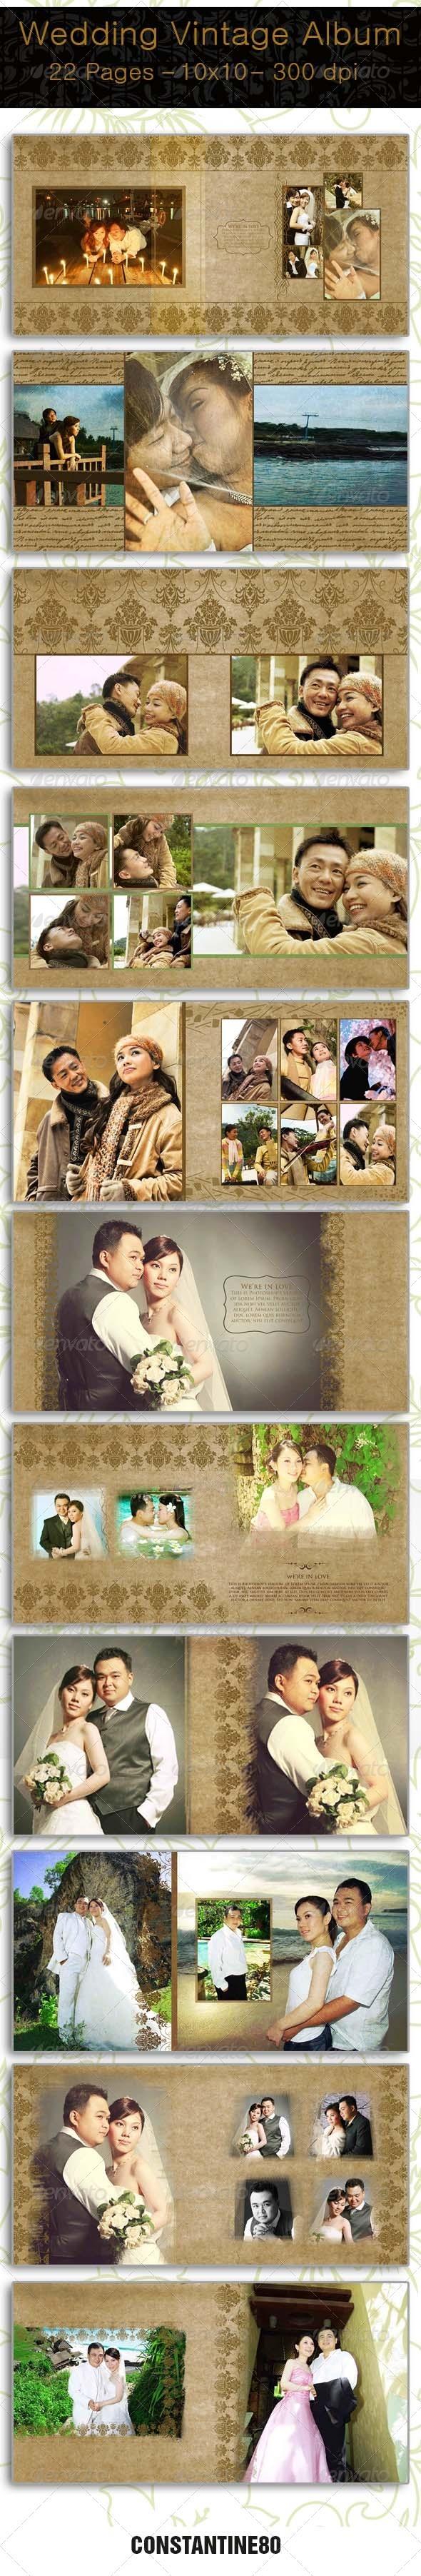 GraphicRiver Wedding Vintage Album 3791999